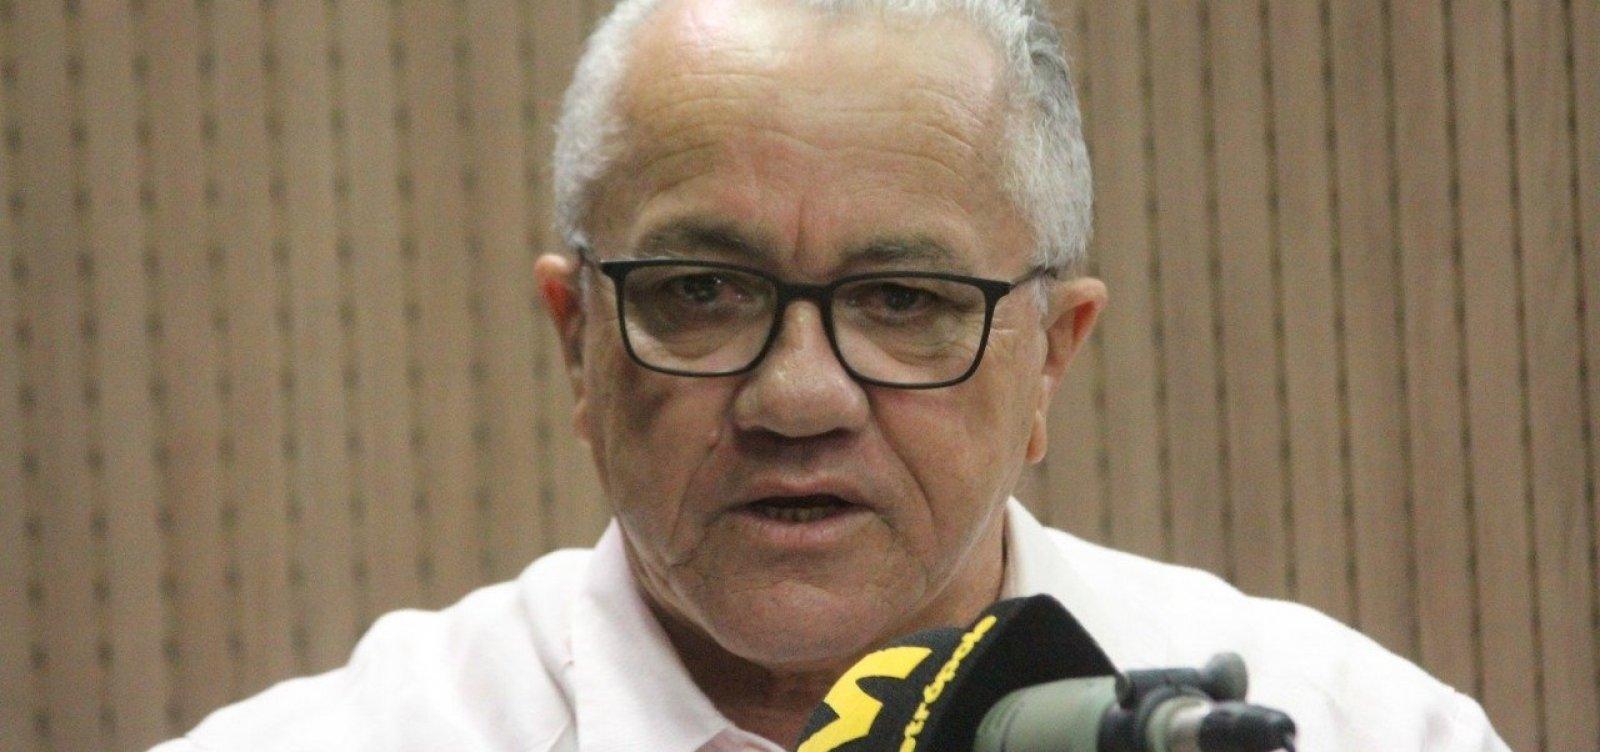 Fenagro deve movimentar mais de R$ 50 milhões, estima secretário de Desenvolvimento Rural